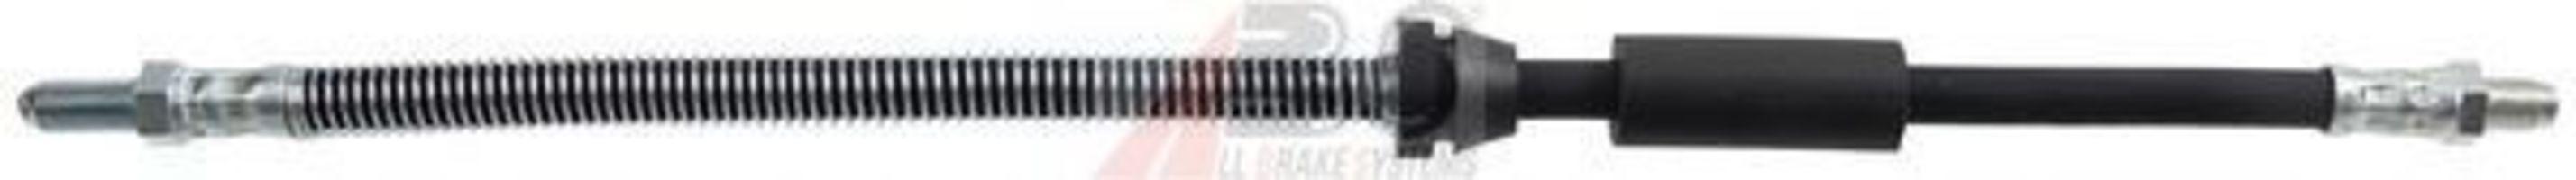 Шланг тормозной A.B.S. SL 3709